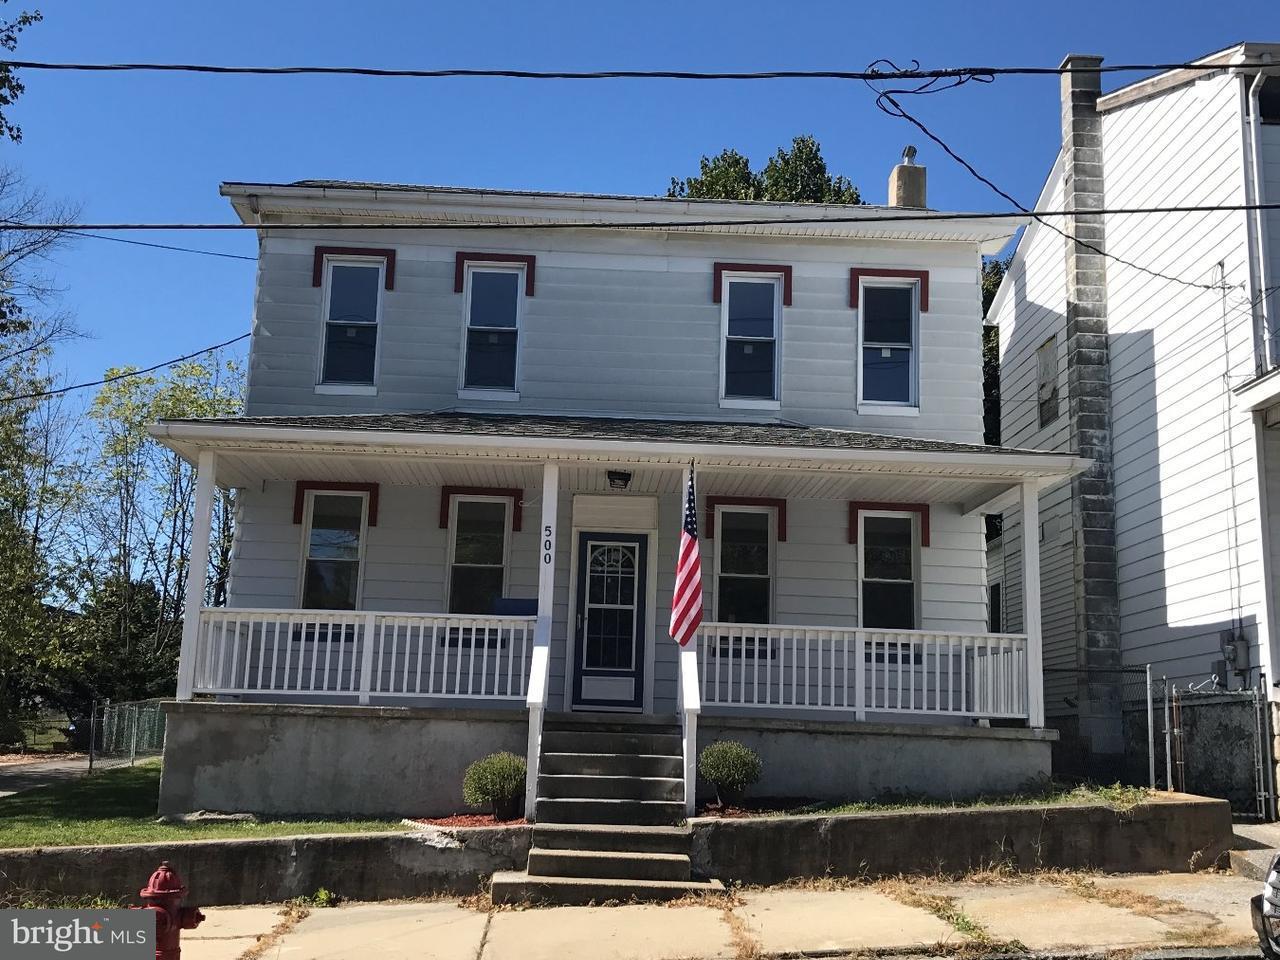 Частный односемейный дом для того Продажа на 500 N FRONT Street Minersville, Пенсильвания 17954 Соединенные Штаты